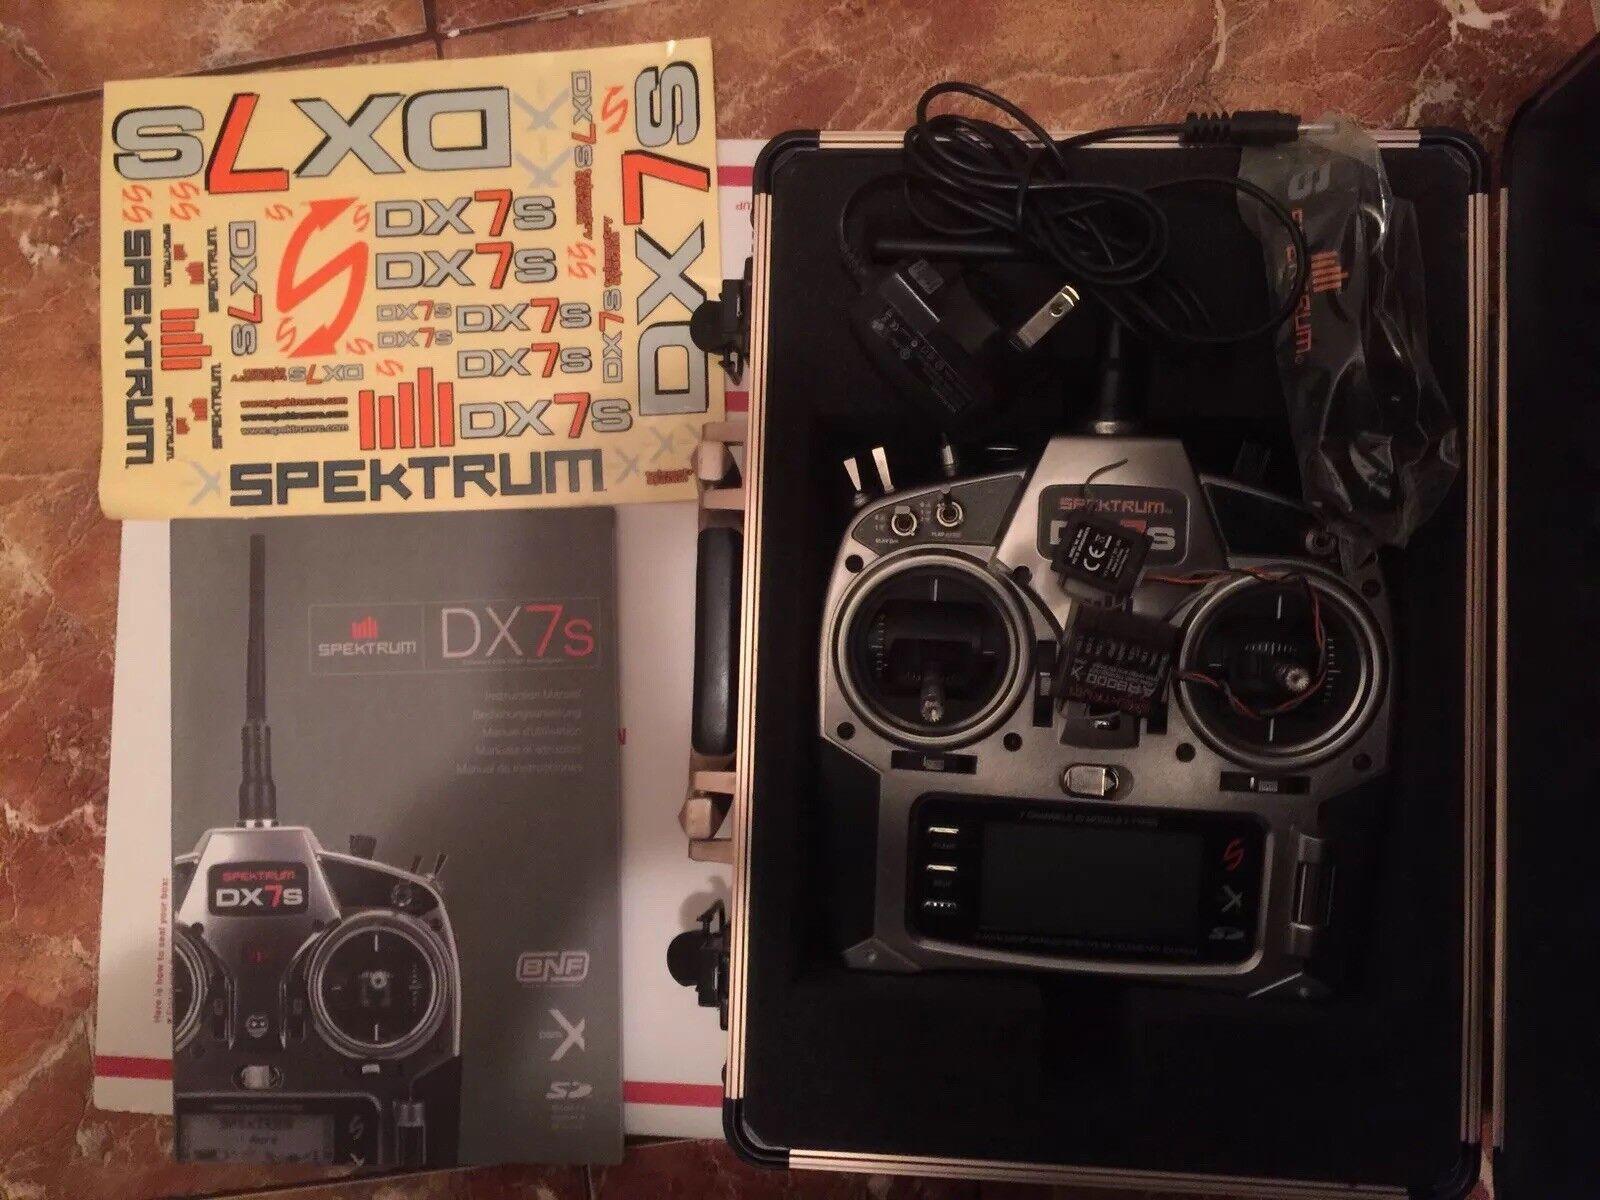 Spektrum DX7s Transmisor Y Receptor De Control Remoto Con Estuche que se muestra